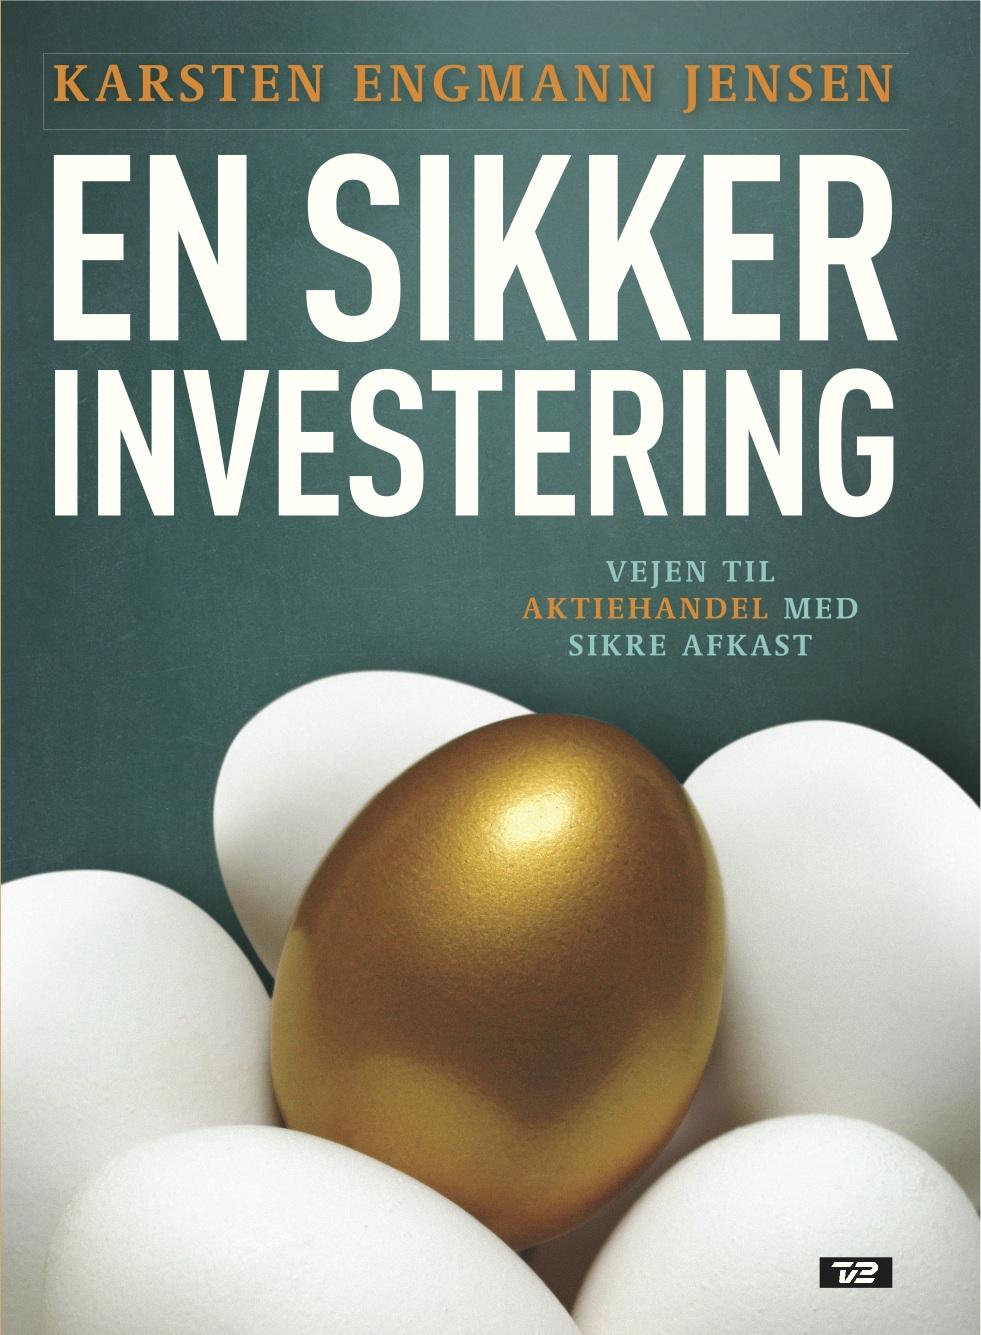 En_sikker_investering_forside_renskaaret_ISOcoat_v2.jpg